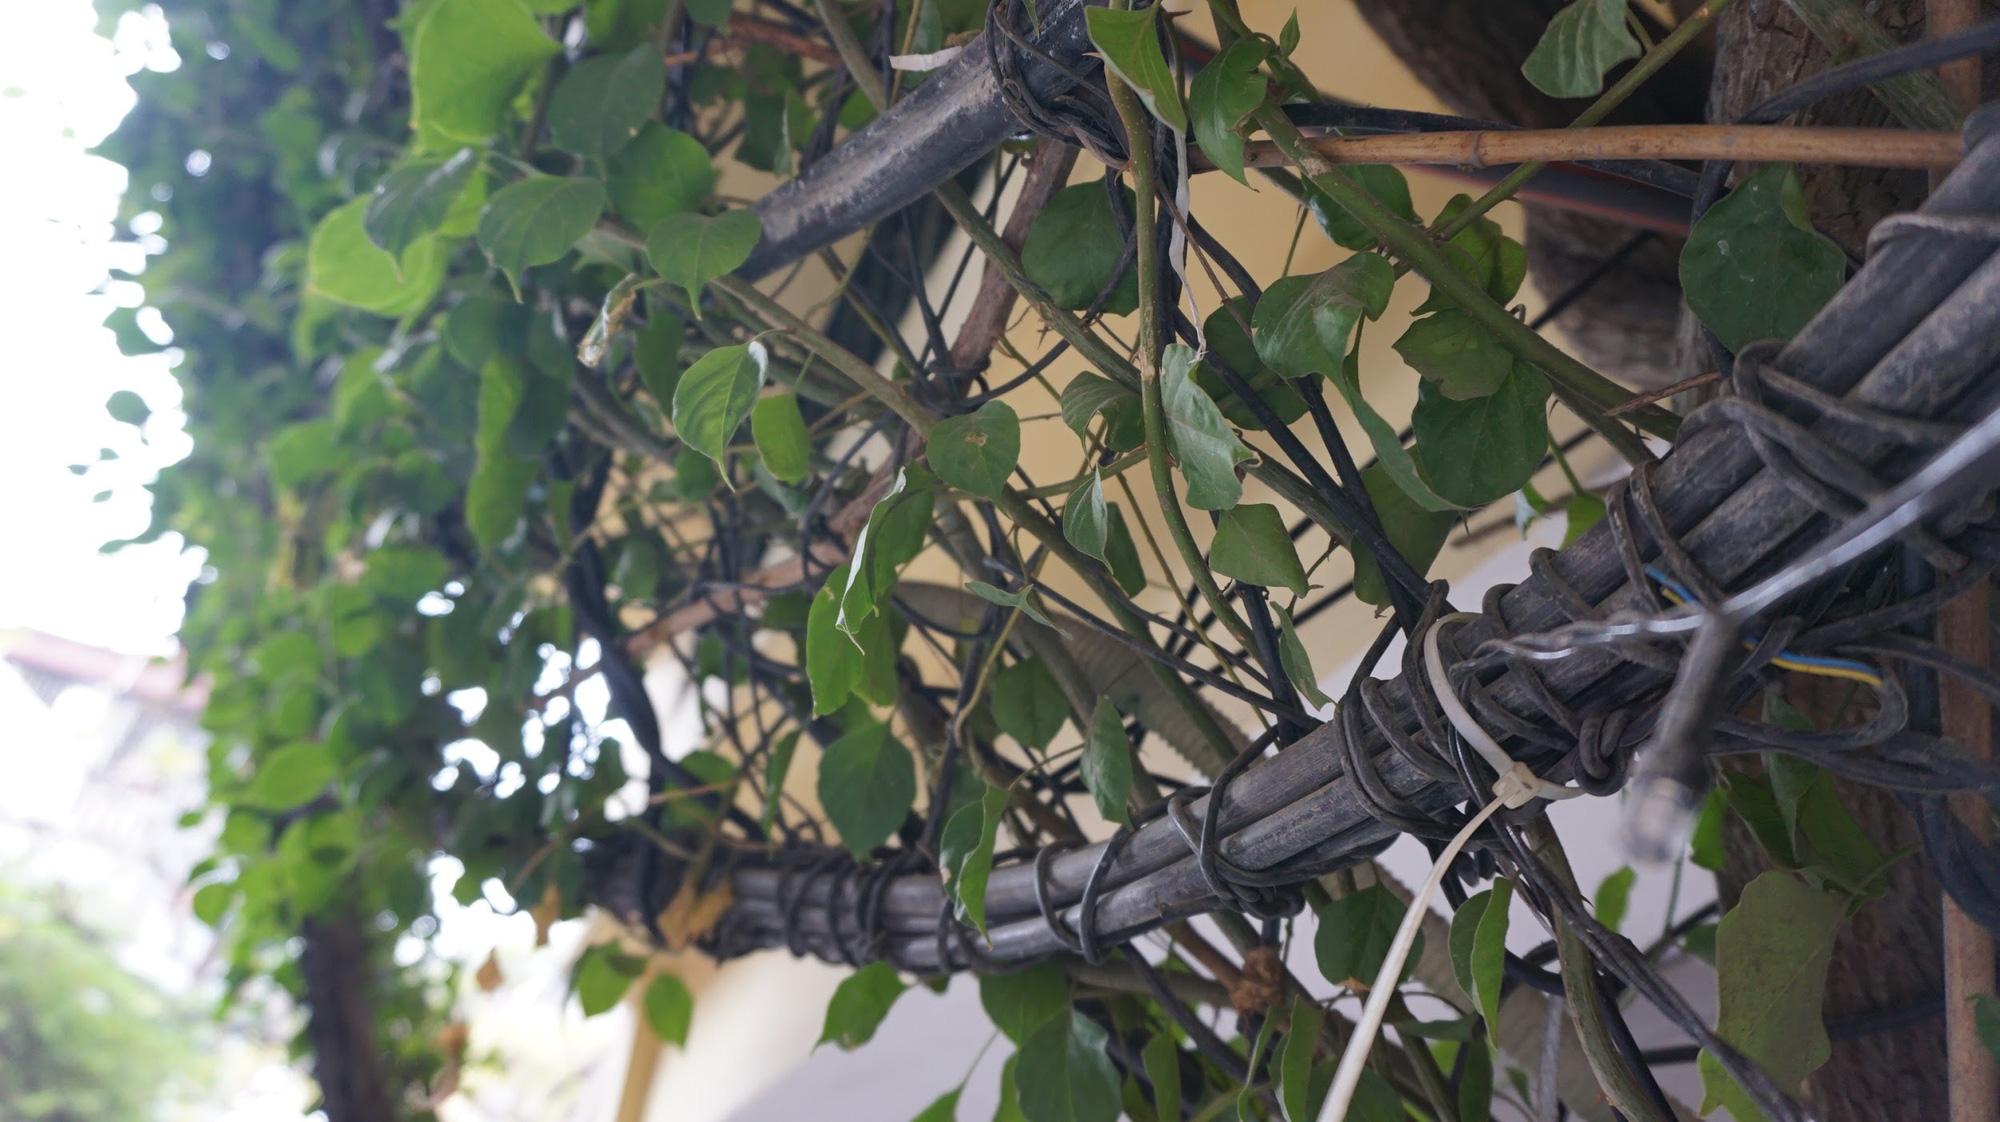 Nhà cây 5 tầng phủ kín hoa giấy ở Hà Nội, ai đi qua cũng dừng lại ngắm - Ảnh 6.